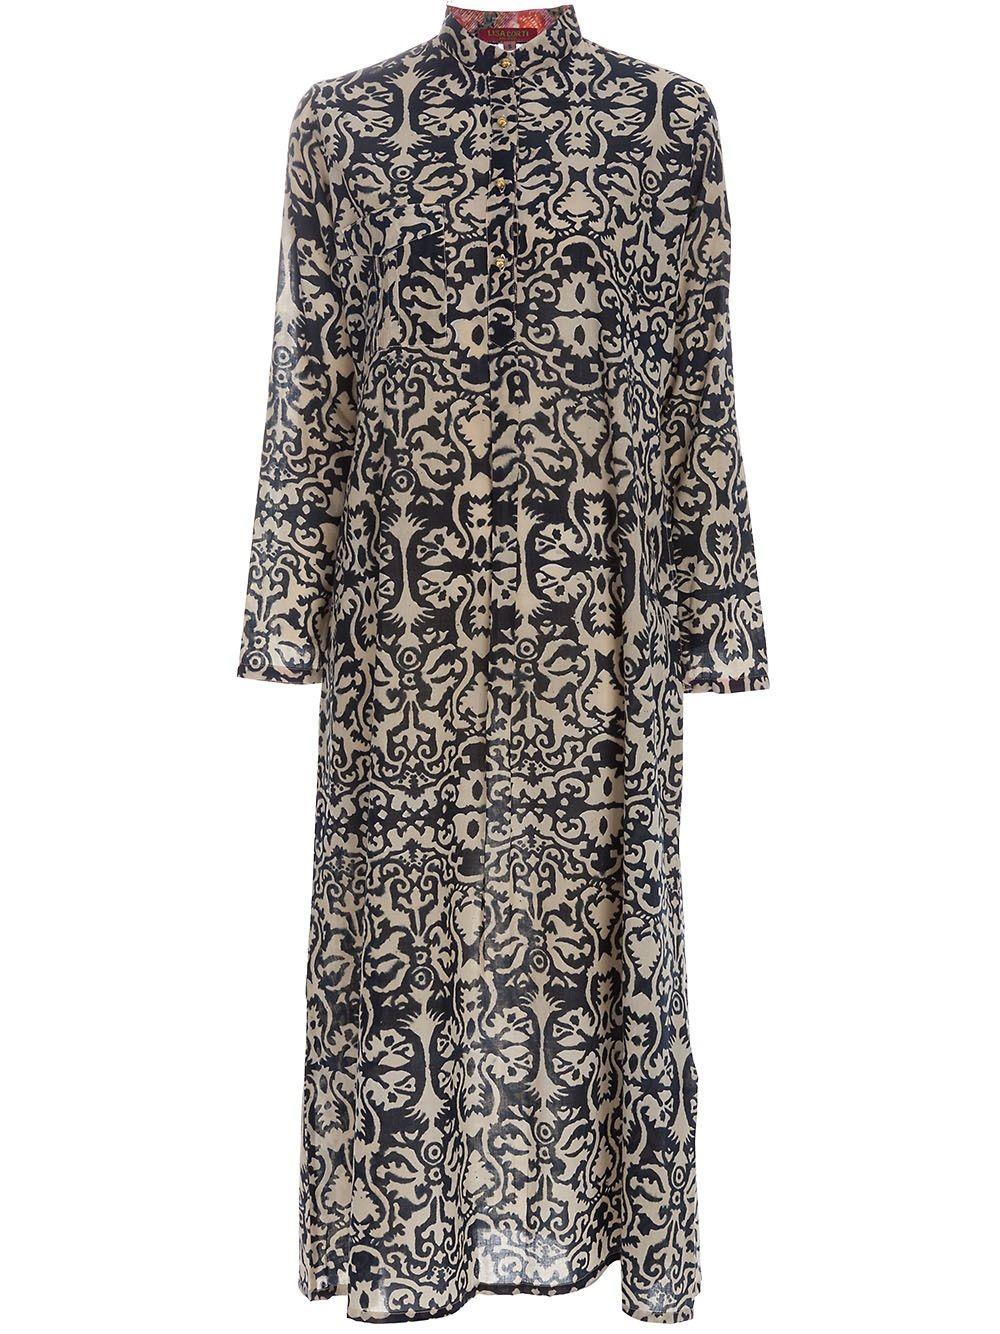 LISA CORTI \'Kurta\' kaftan dress | Gowns . Kaftans . Maxis . | Pinterest